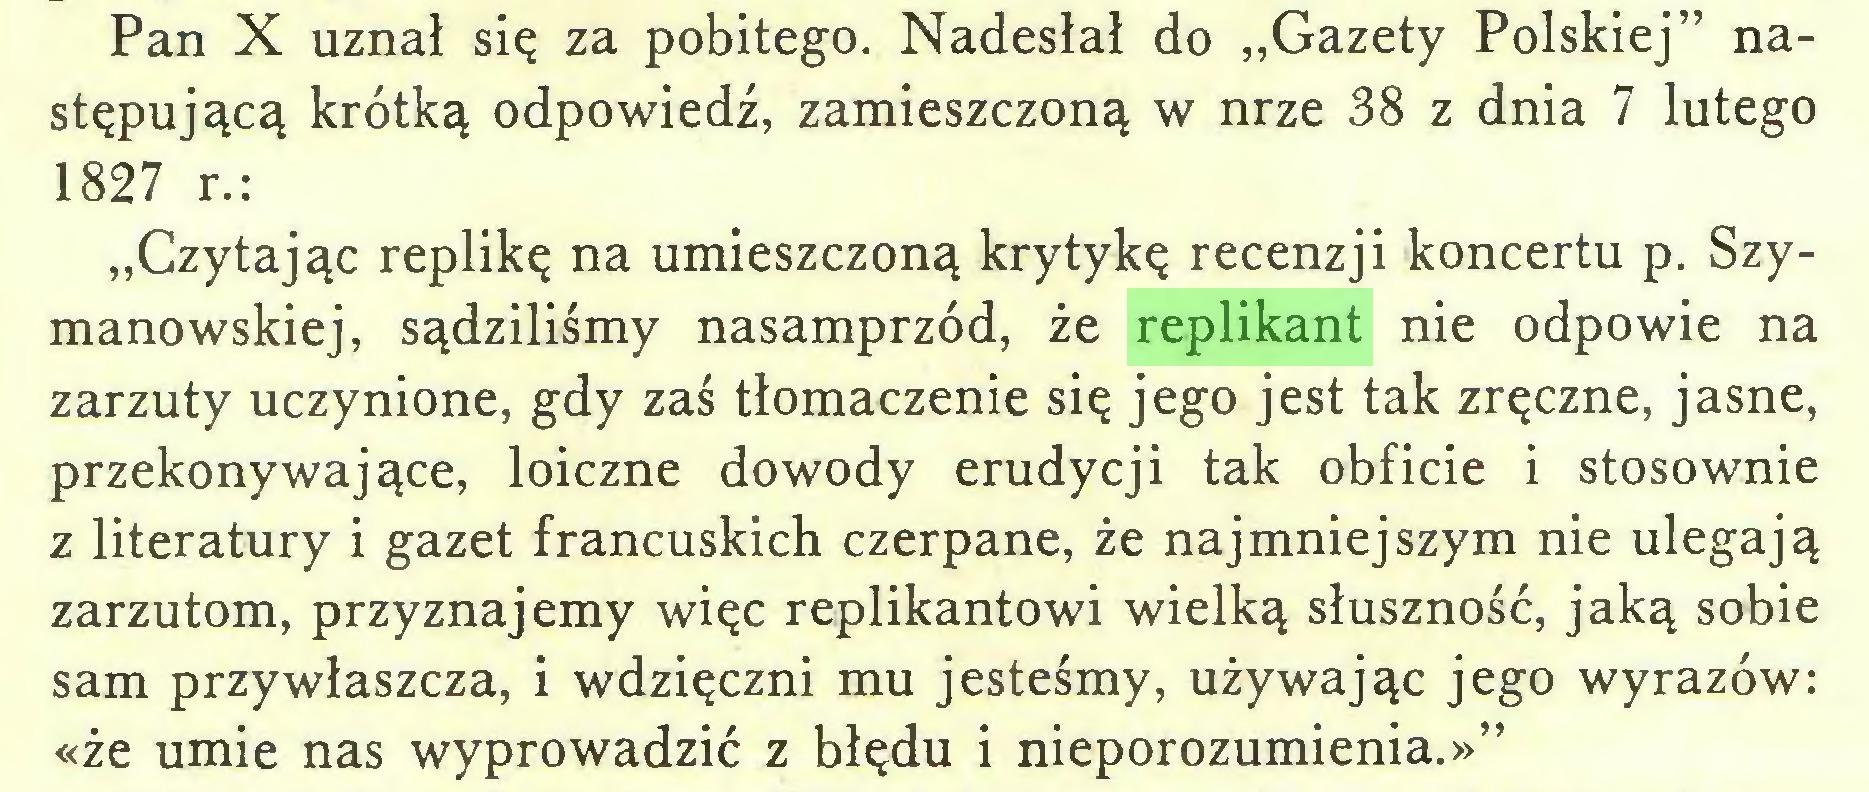 """(...) Pan X uznał się za pobitego. Nadesłał do """"Gazety Polskiej"""" następującą krótką odpowiedź, zamieszczoną w nrze 38 z dnia 7 lutego 1827 r.: """"Czytając replikę na umieszczoną krytykę recenzji koncertu p. Szymanowskiej, sądziliśmy nasamprzód, że replikant nie odpowie na zarzuty uczynione, gdy zaś tłomaczenie się jego jest tak zręczne, jasne, przekonywające, loiczne dowody erudycji tak obficie i stosownie z literatury i gazet francuskich czerpane, że najmniejszym nie ulegają zarzutom, przyznajemy więc replikantowi wielką słuszność, jaką sobie sam przywłaszcza, i wdzięczni mu jesteśmy, używając jego wyrazów: «że umie nas wyprowadzić z błędu i nieporozumienia.»""""..."""